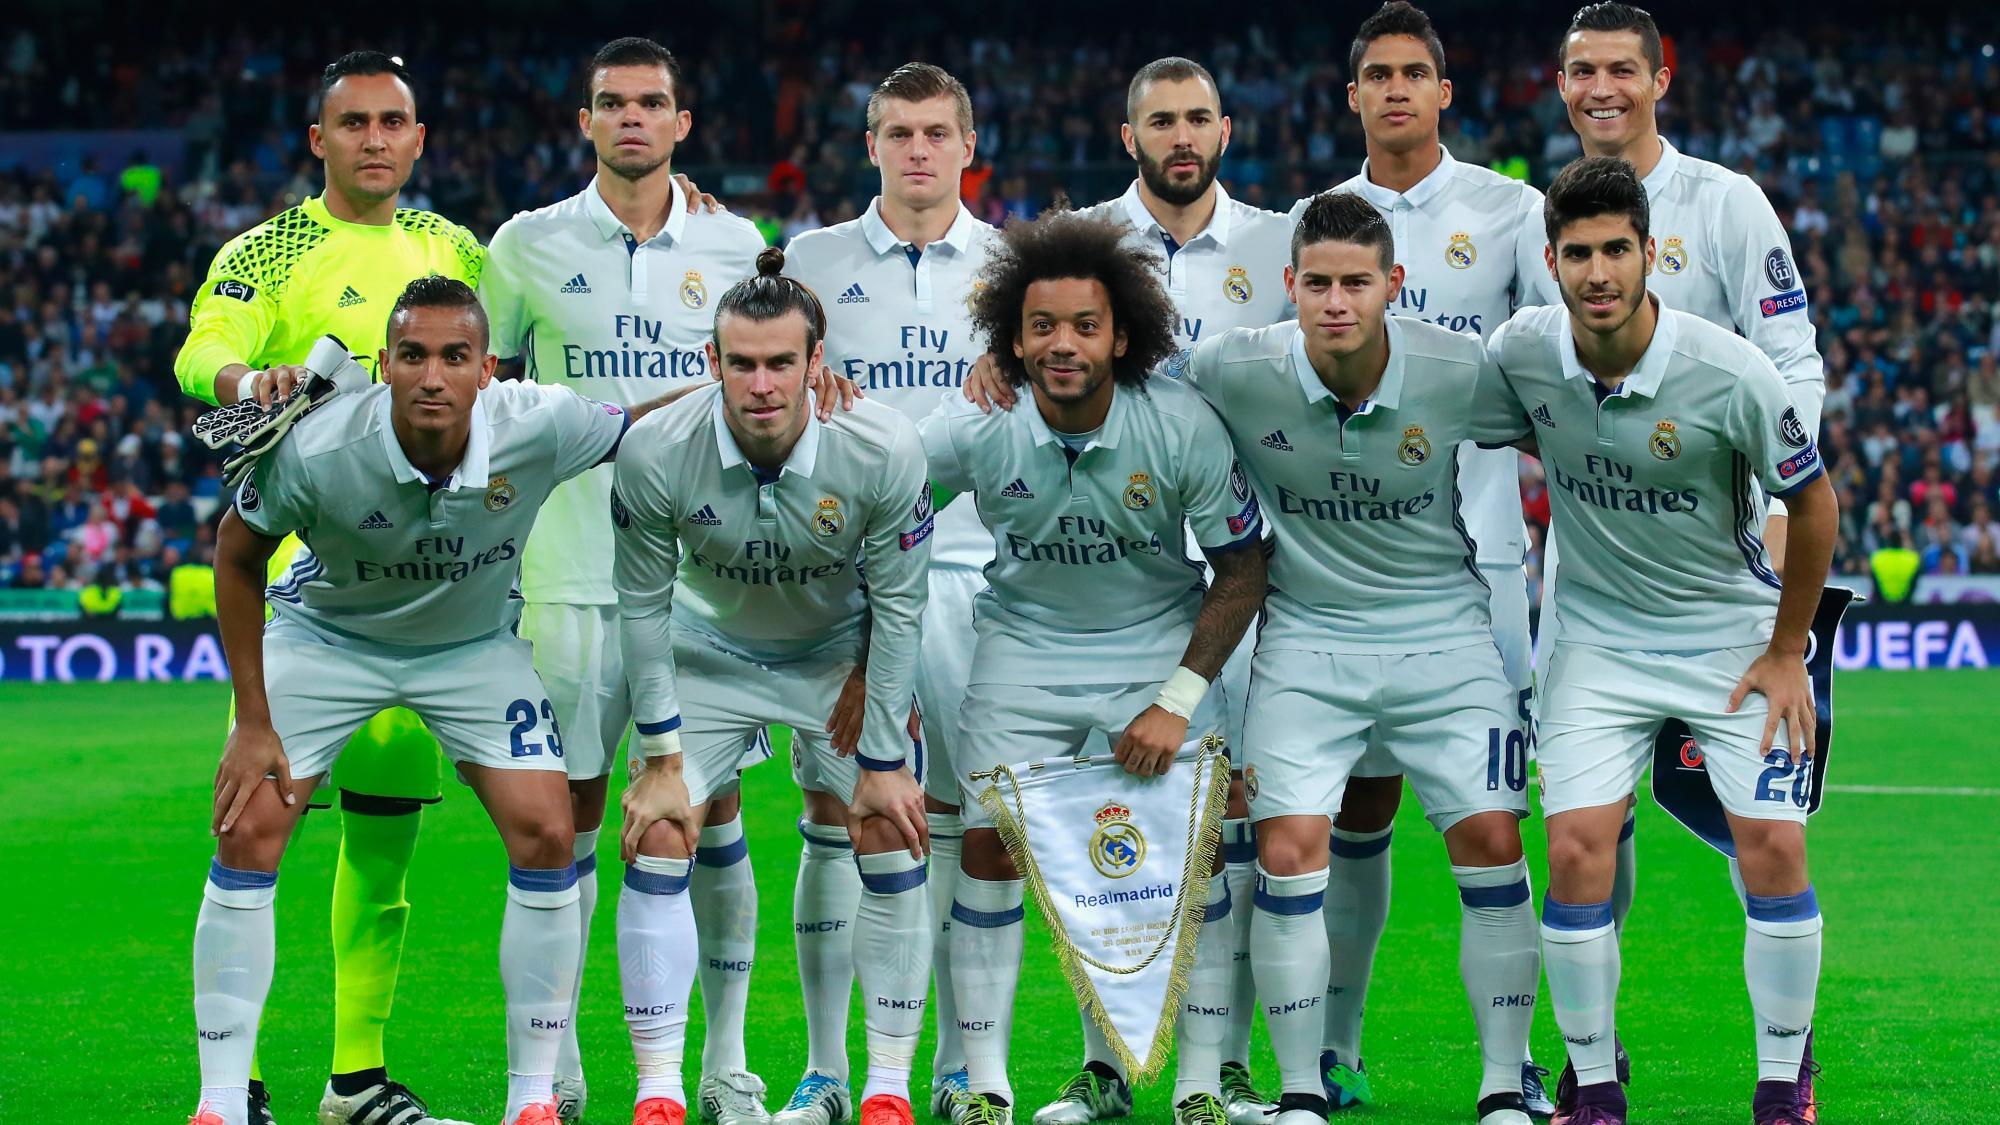 Реал и Ювентус сыграют в четвертьфинале Лиги чемпионов